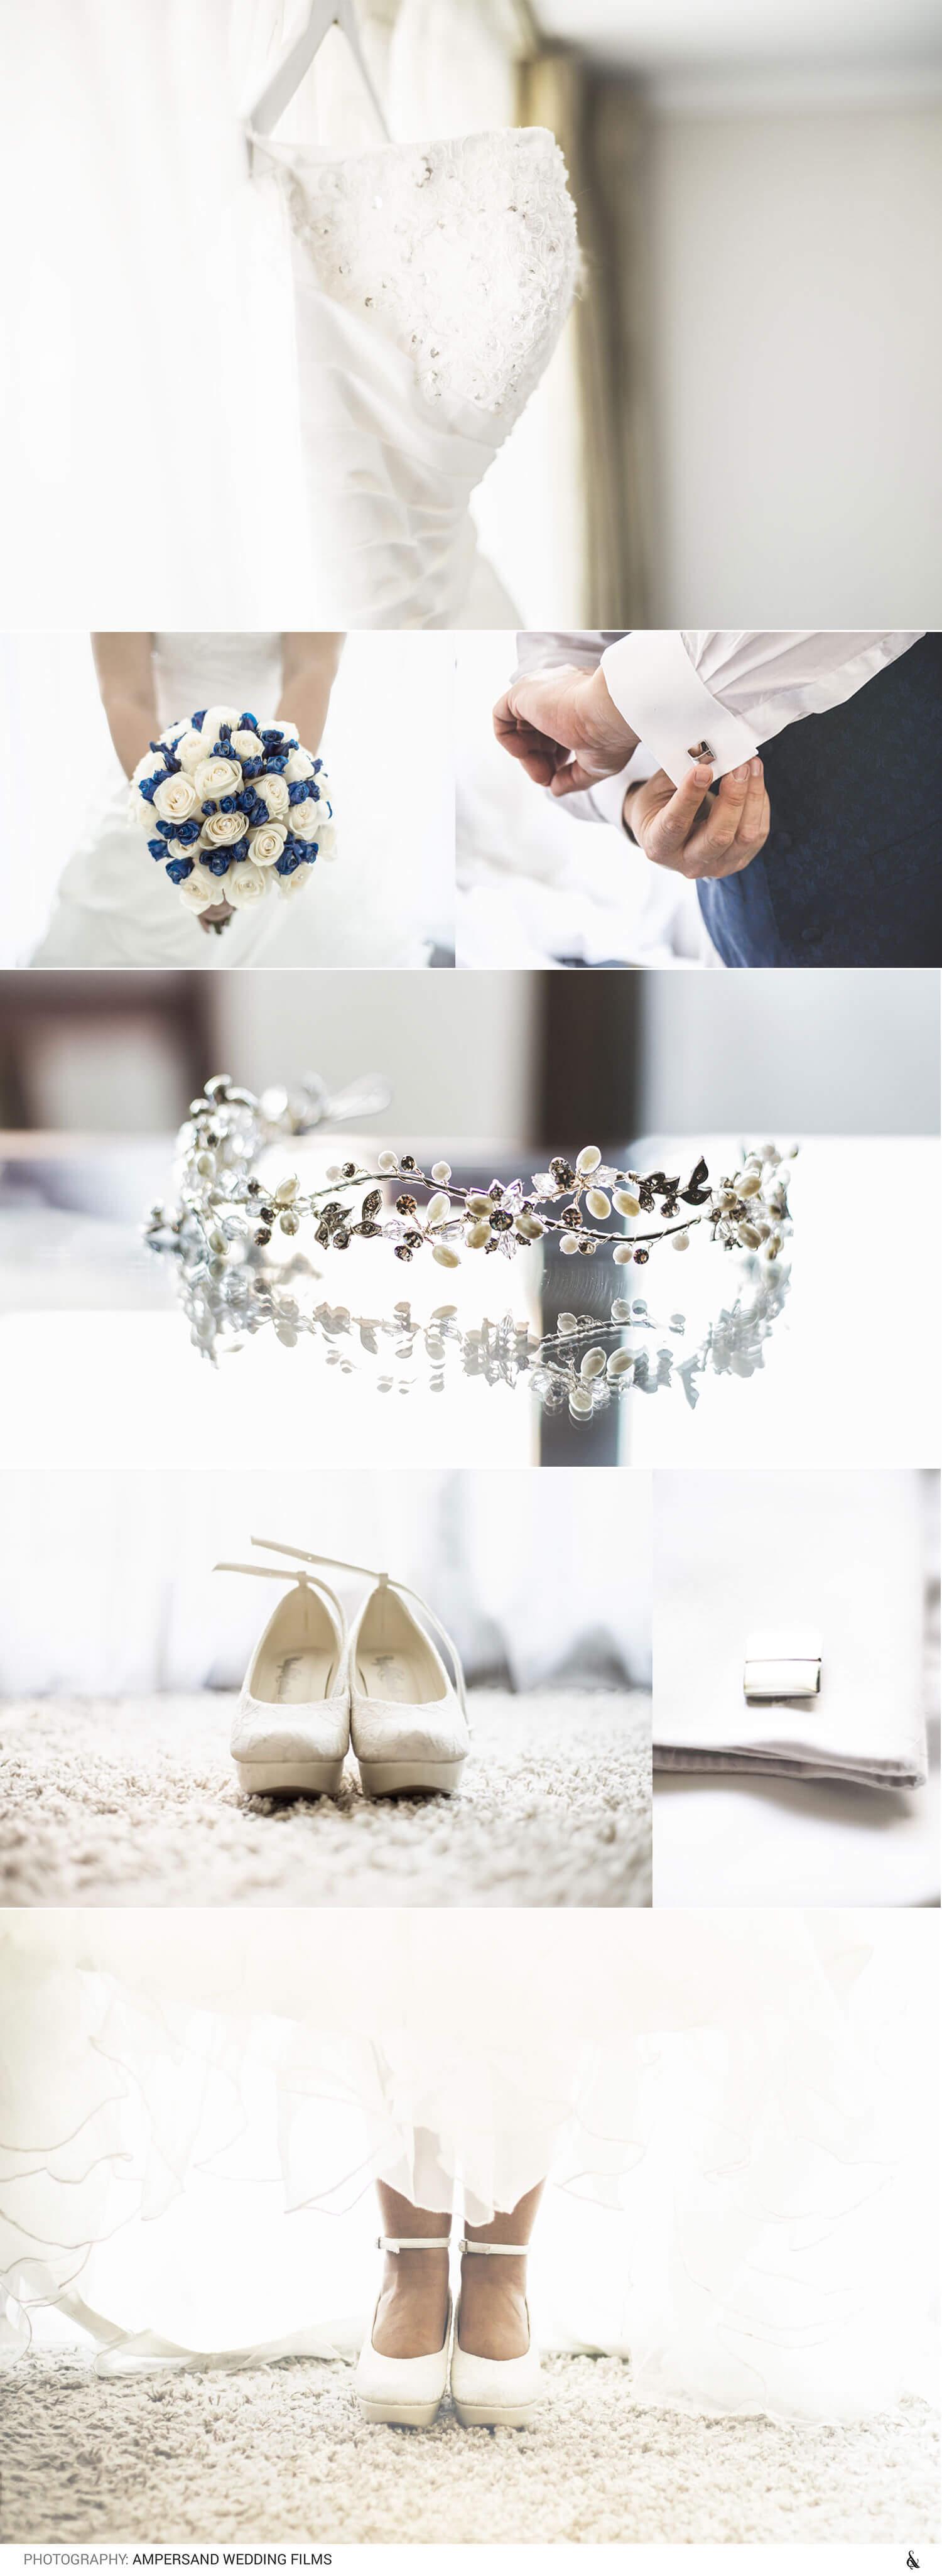 preparativos del matrimonio novio y novia